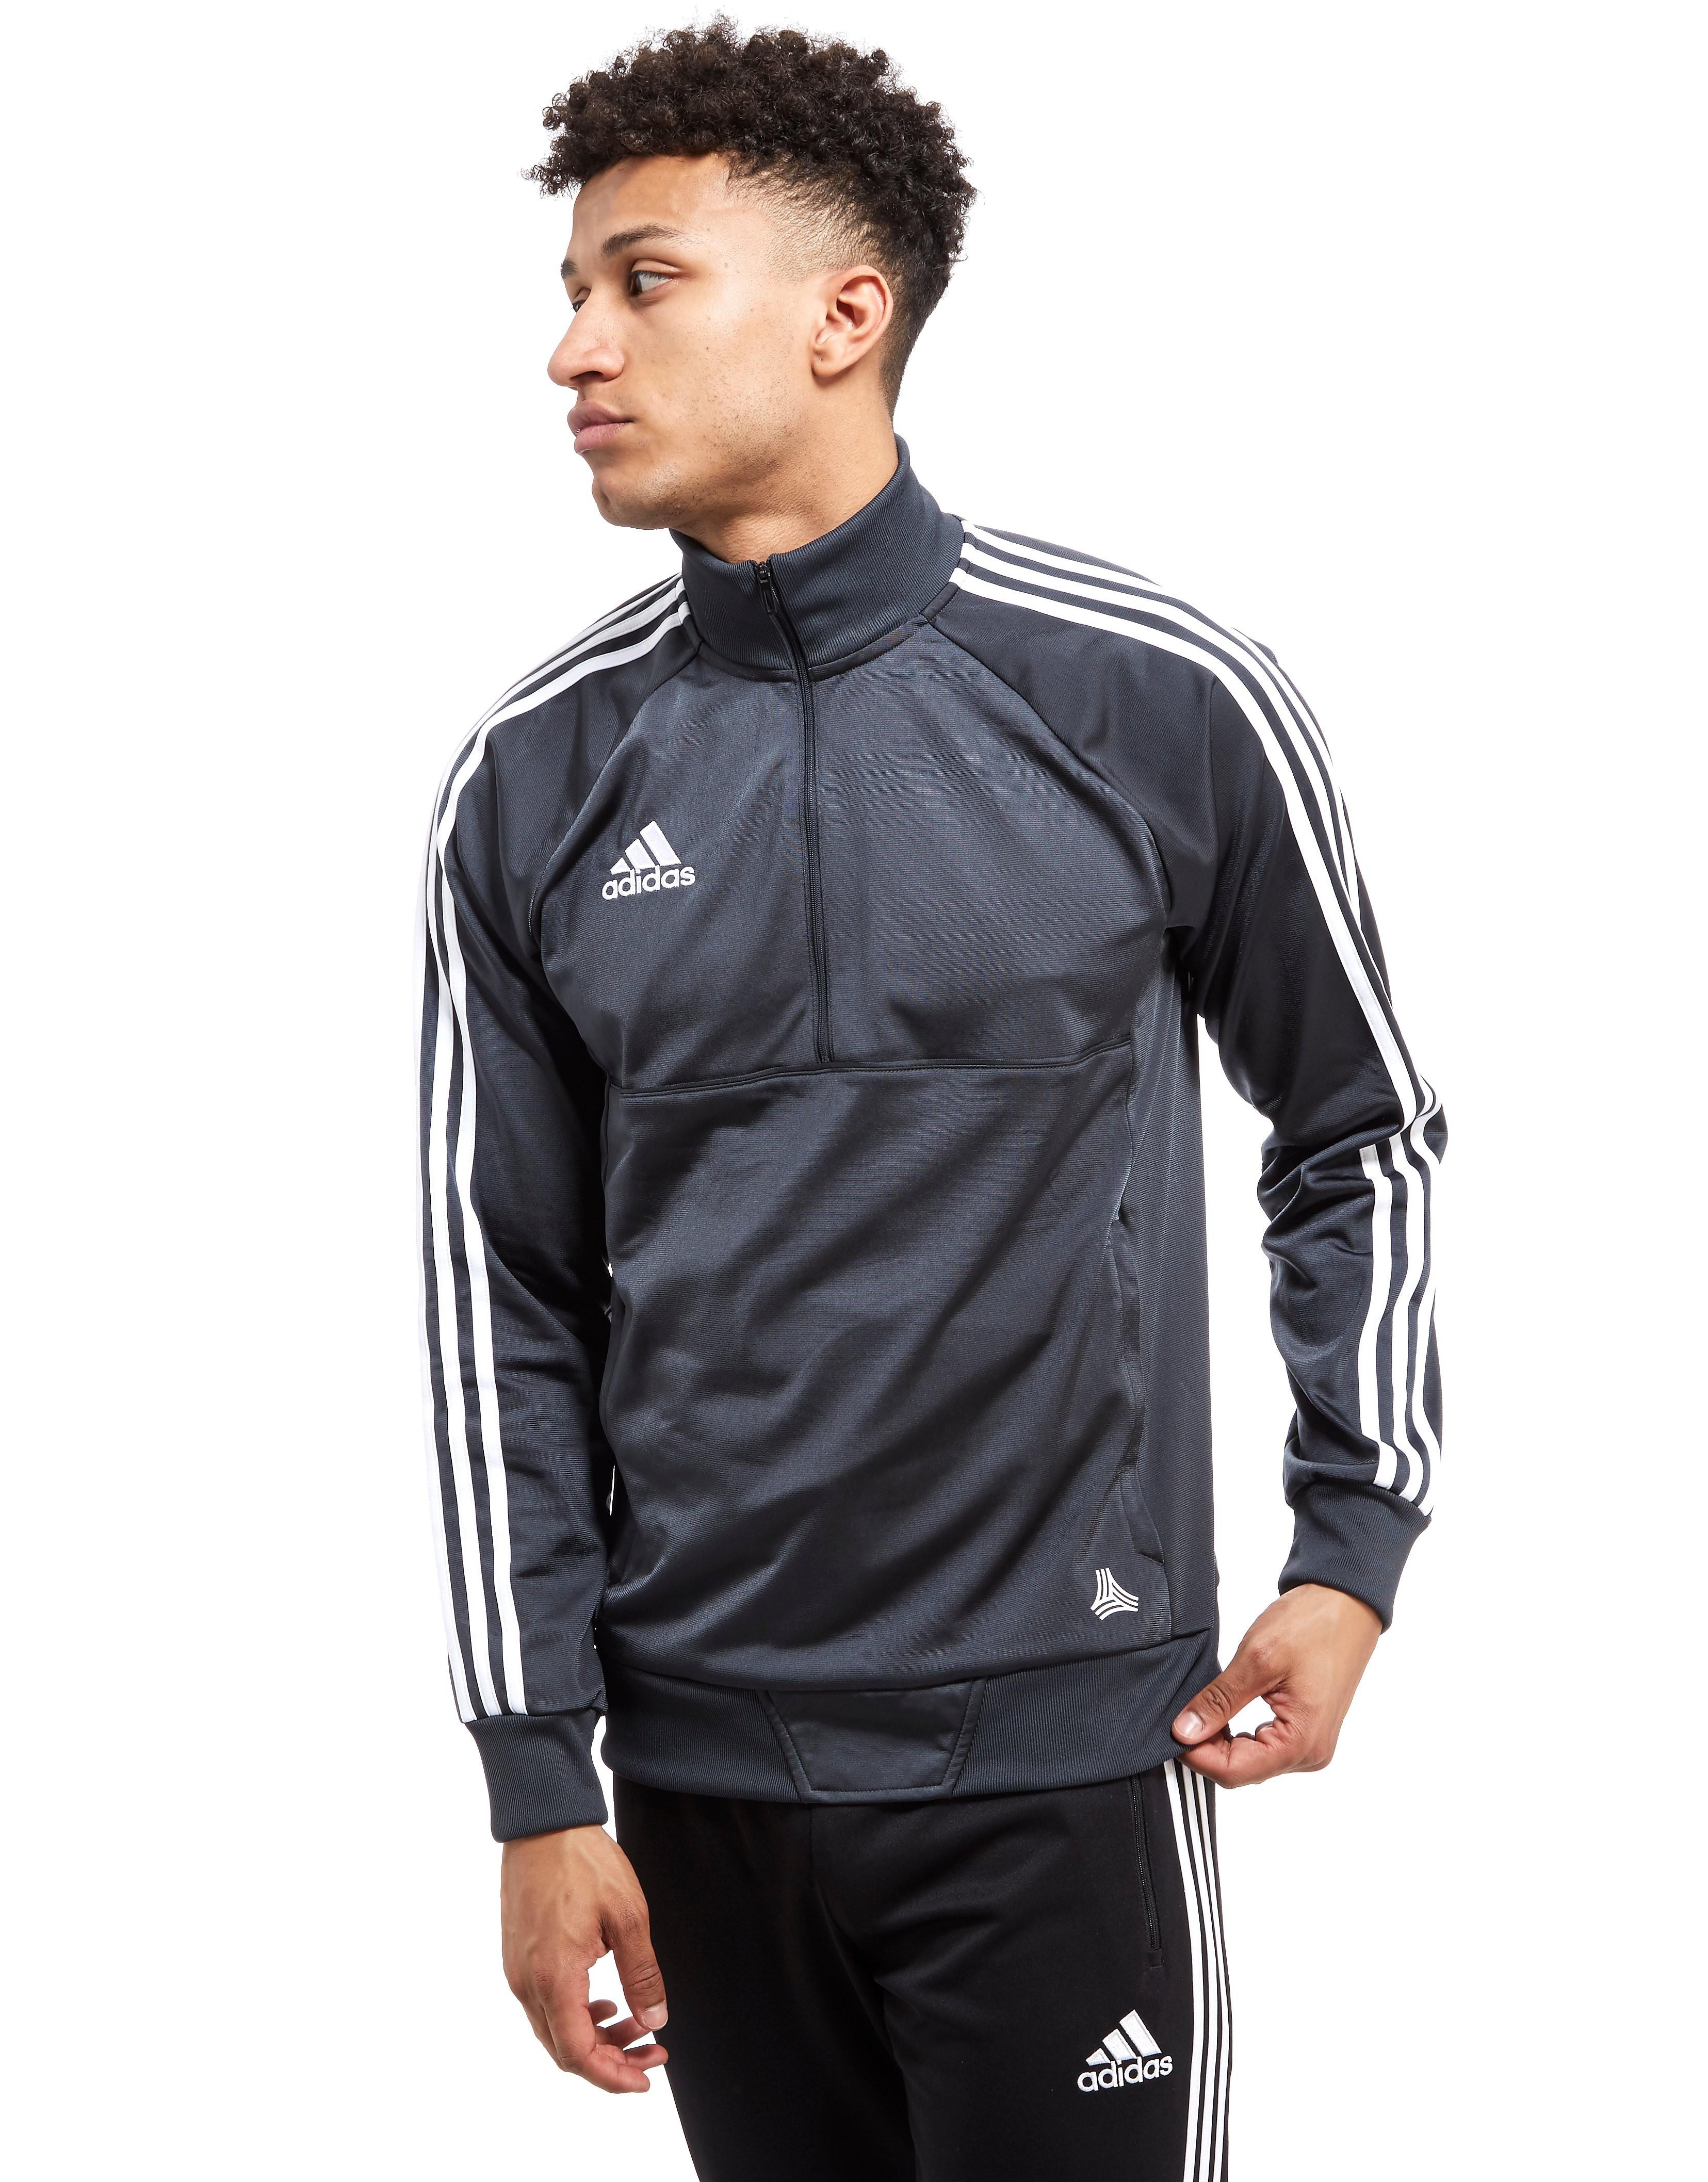 adidas Tango 1/4 Zip Sweatshirt